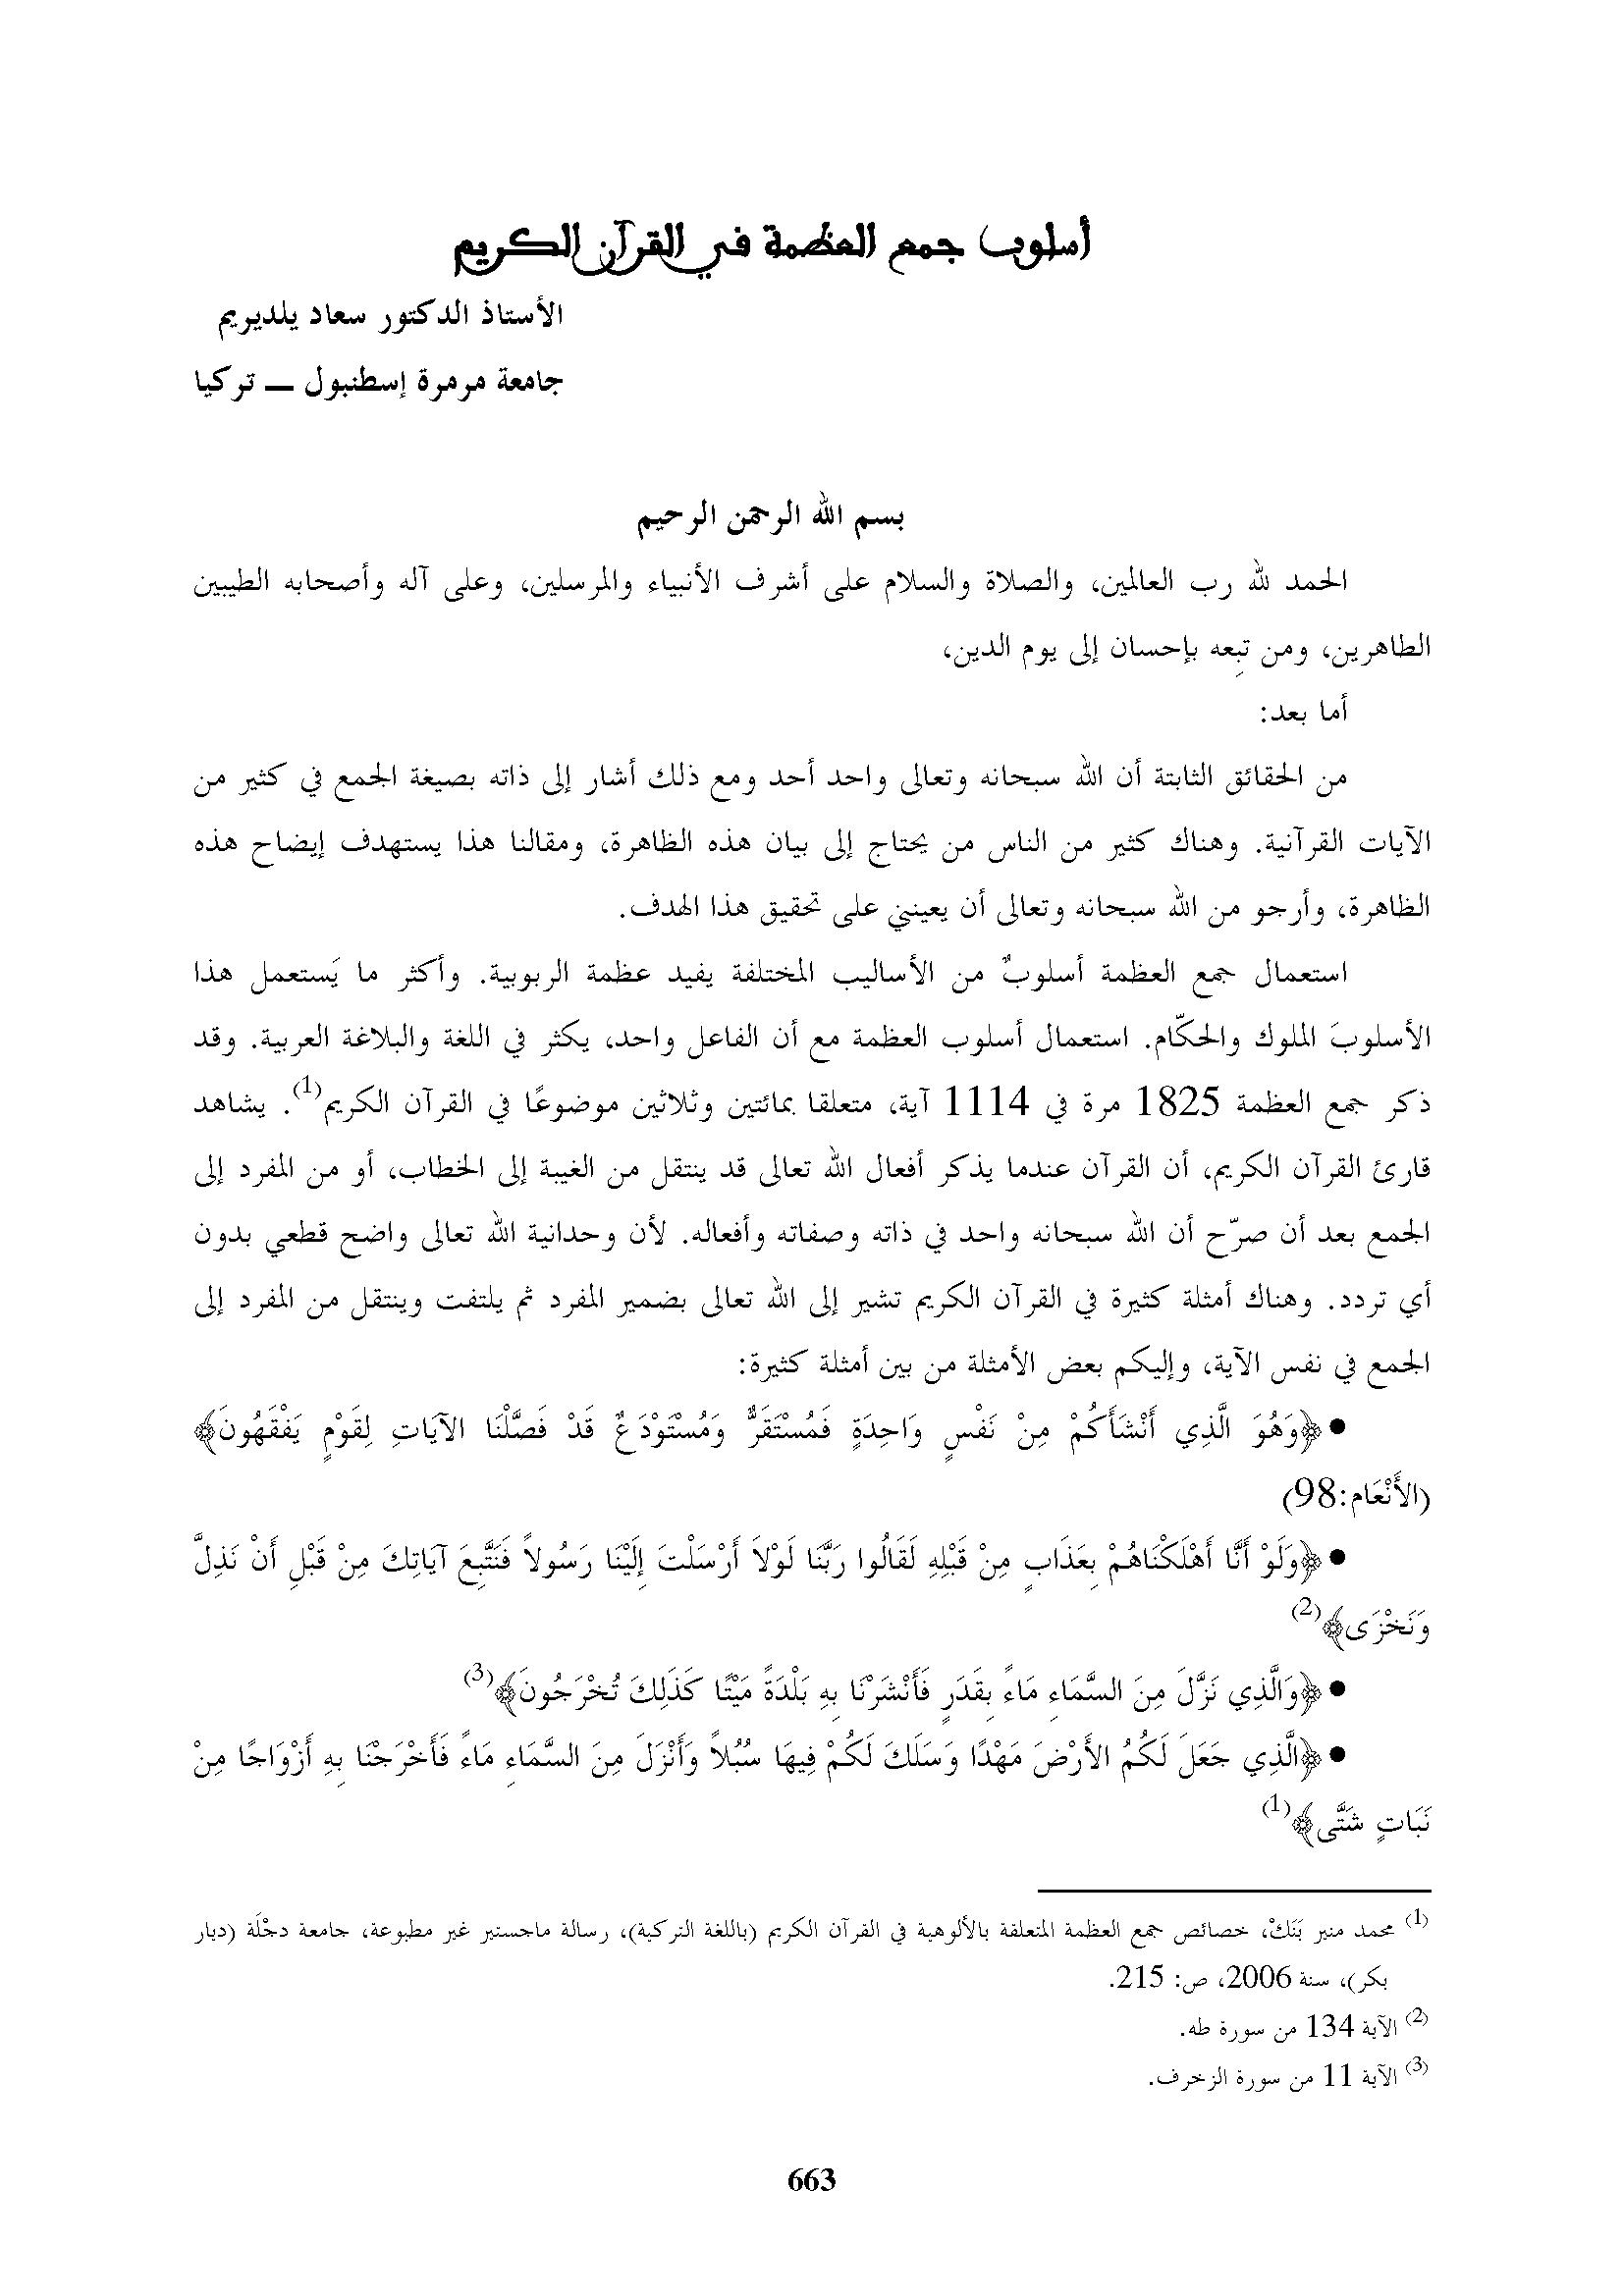 تحميل كتاب أسلوب جمع العظمة في القرآن الكريم لـِ: الدكتور سعاد يلديريم